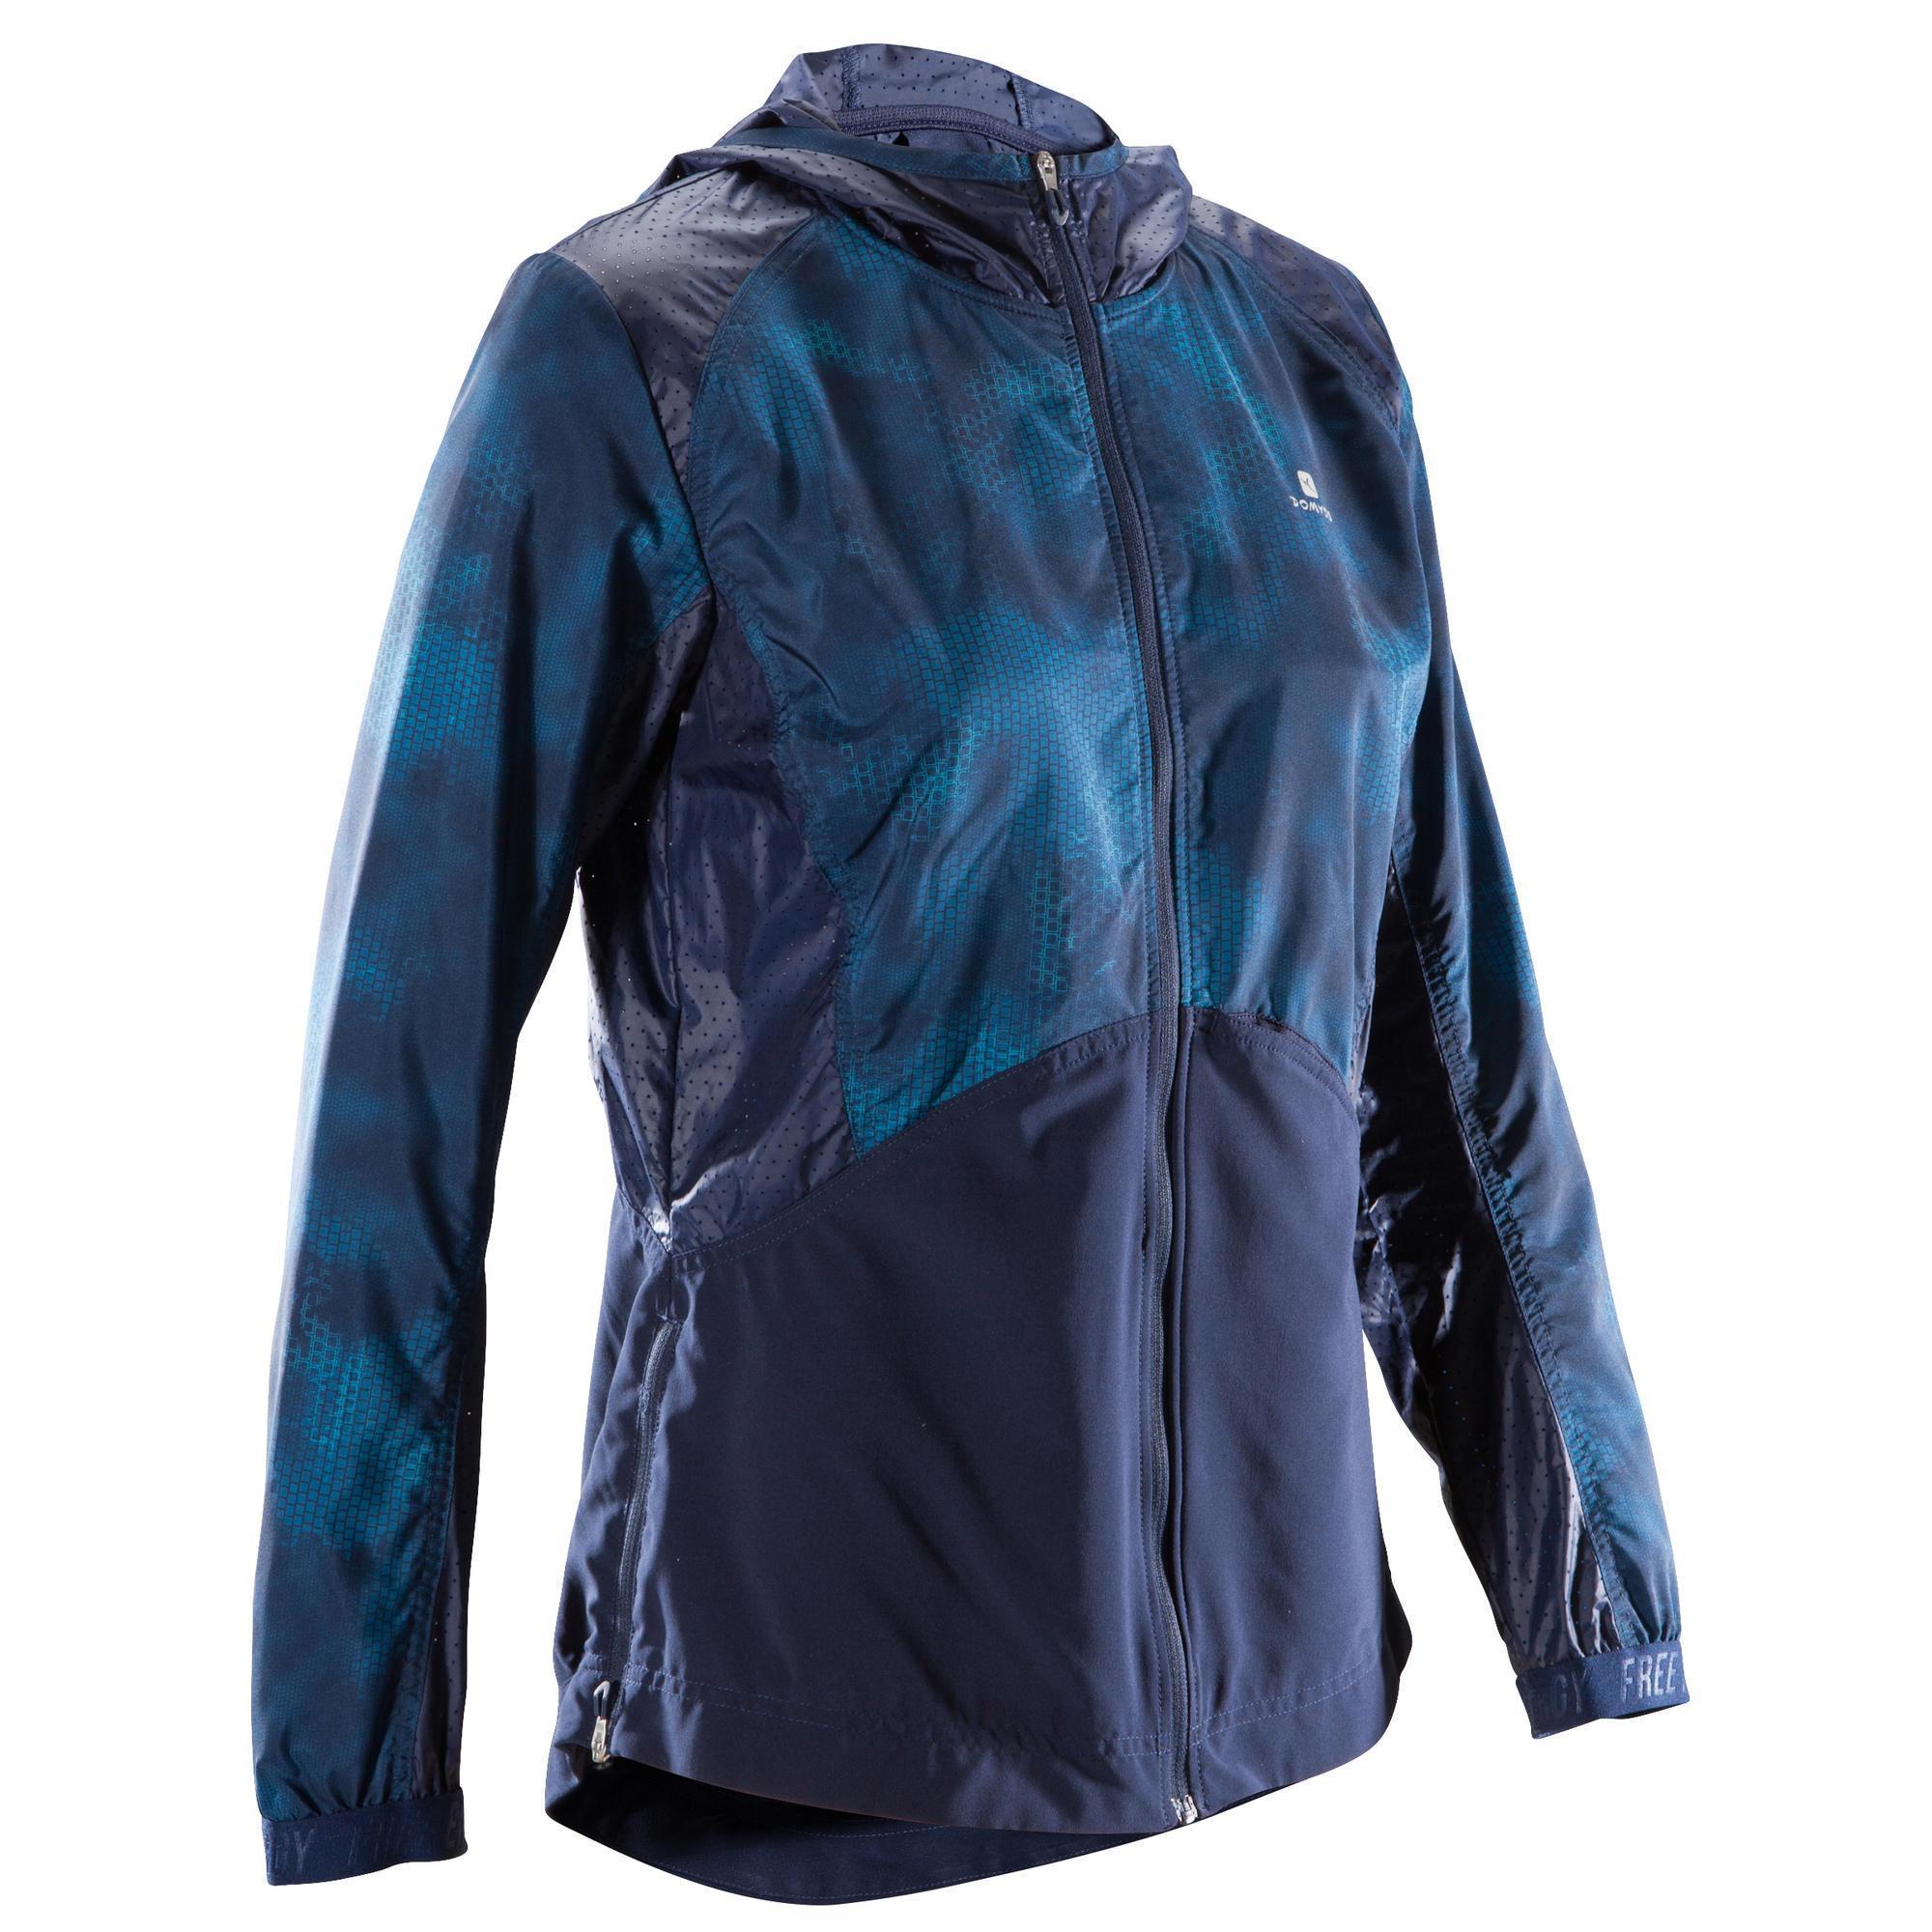 Domyos Hoodie voor cardiofitness dames marineblauw met blauwe opdruk 520